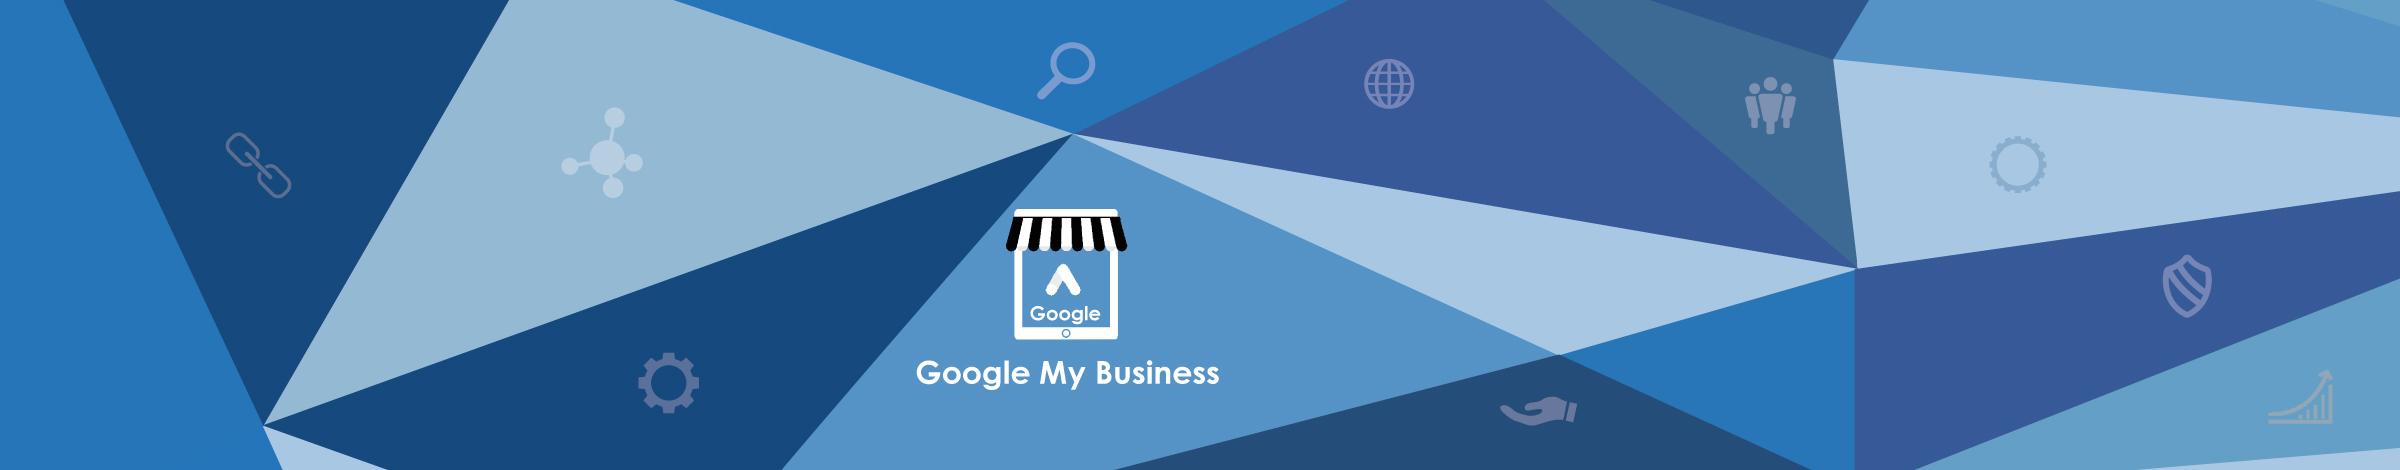 web updates kmu GmbH-wuk-WordPress und SEO Agentur - Google Ads Beitrags Bild